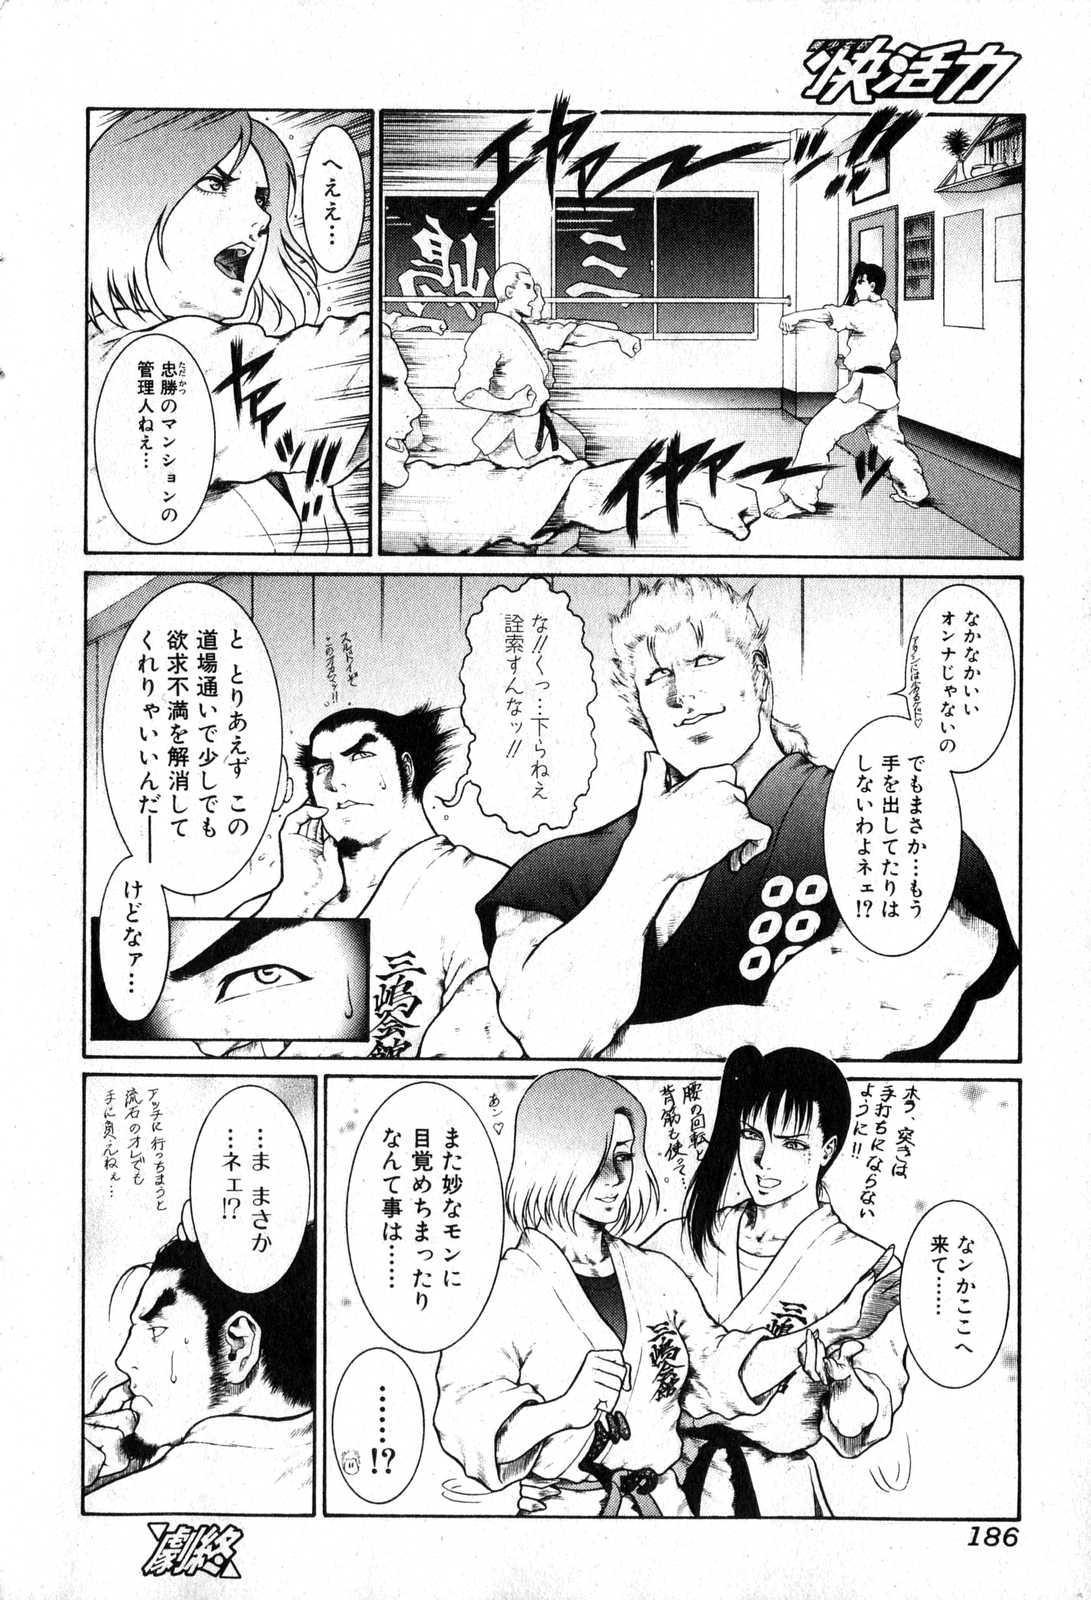 Bishoujo Teki Kaikatsu Ryoku 2007 Vol.15 185